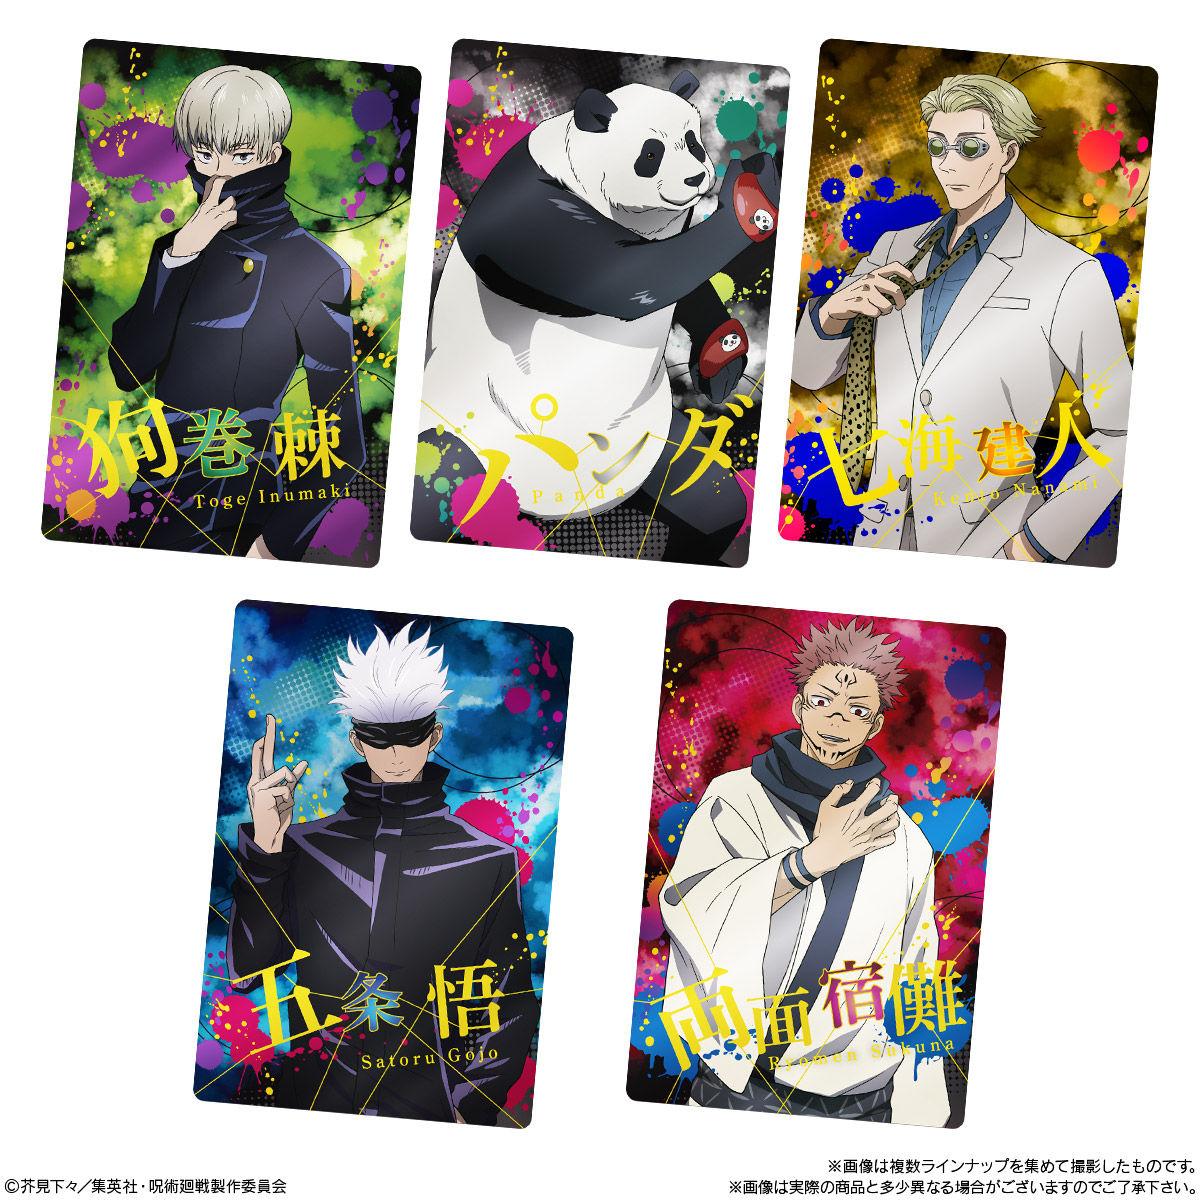 【食玩】呪術廻戦『呪術廻戦ウエハース』20個入りBOX-004